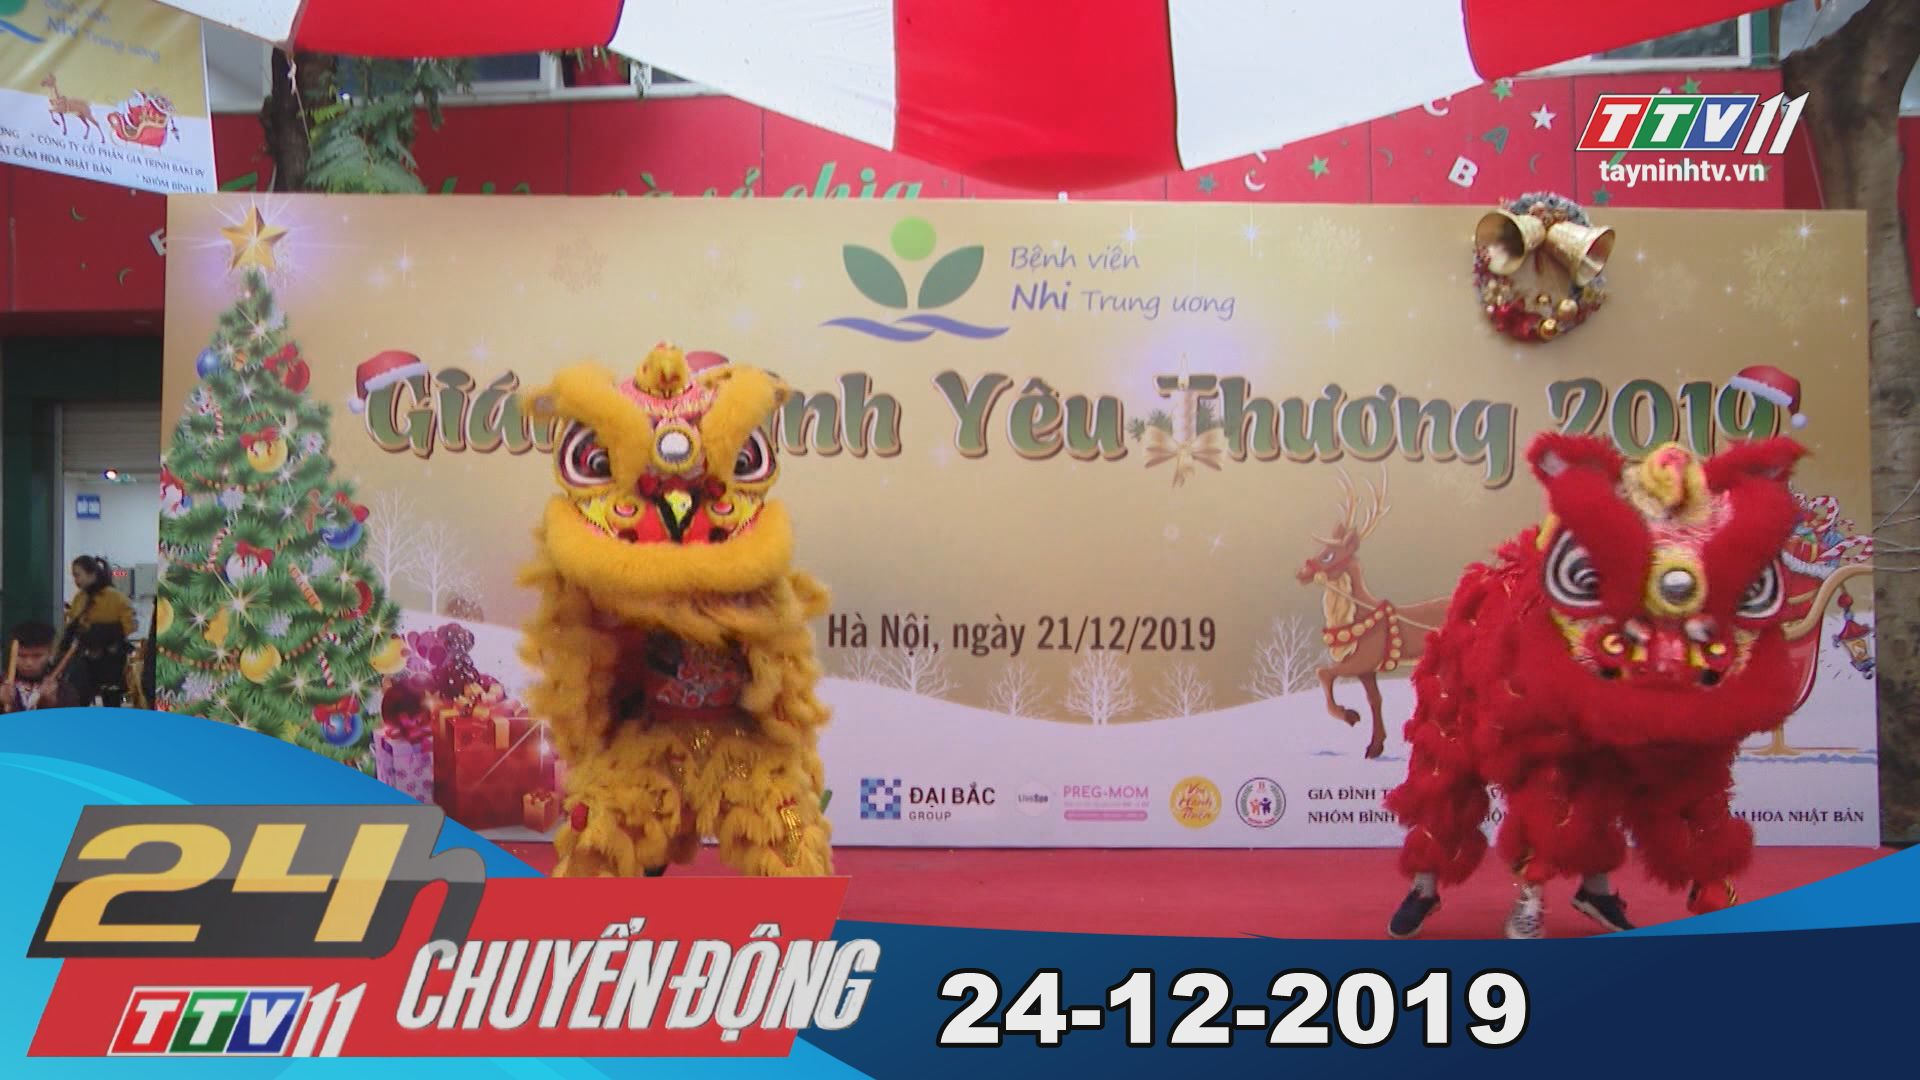 TayNinhTV | 24h Chuyển động 24-12-2019 | Tin tức hôm nay